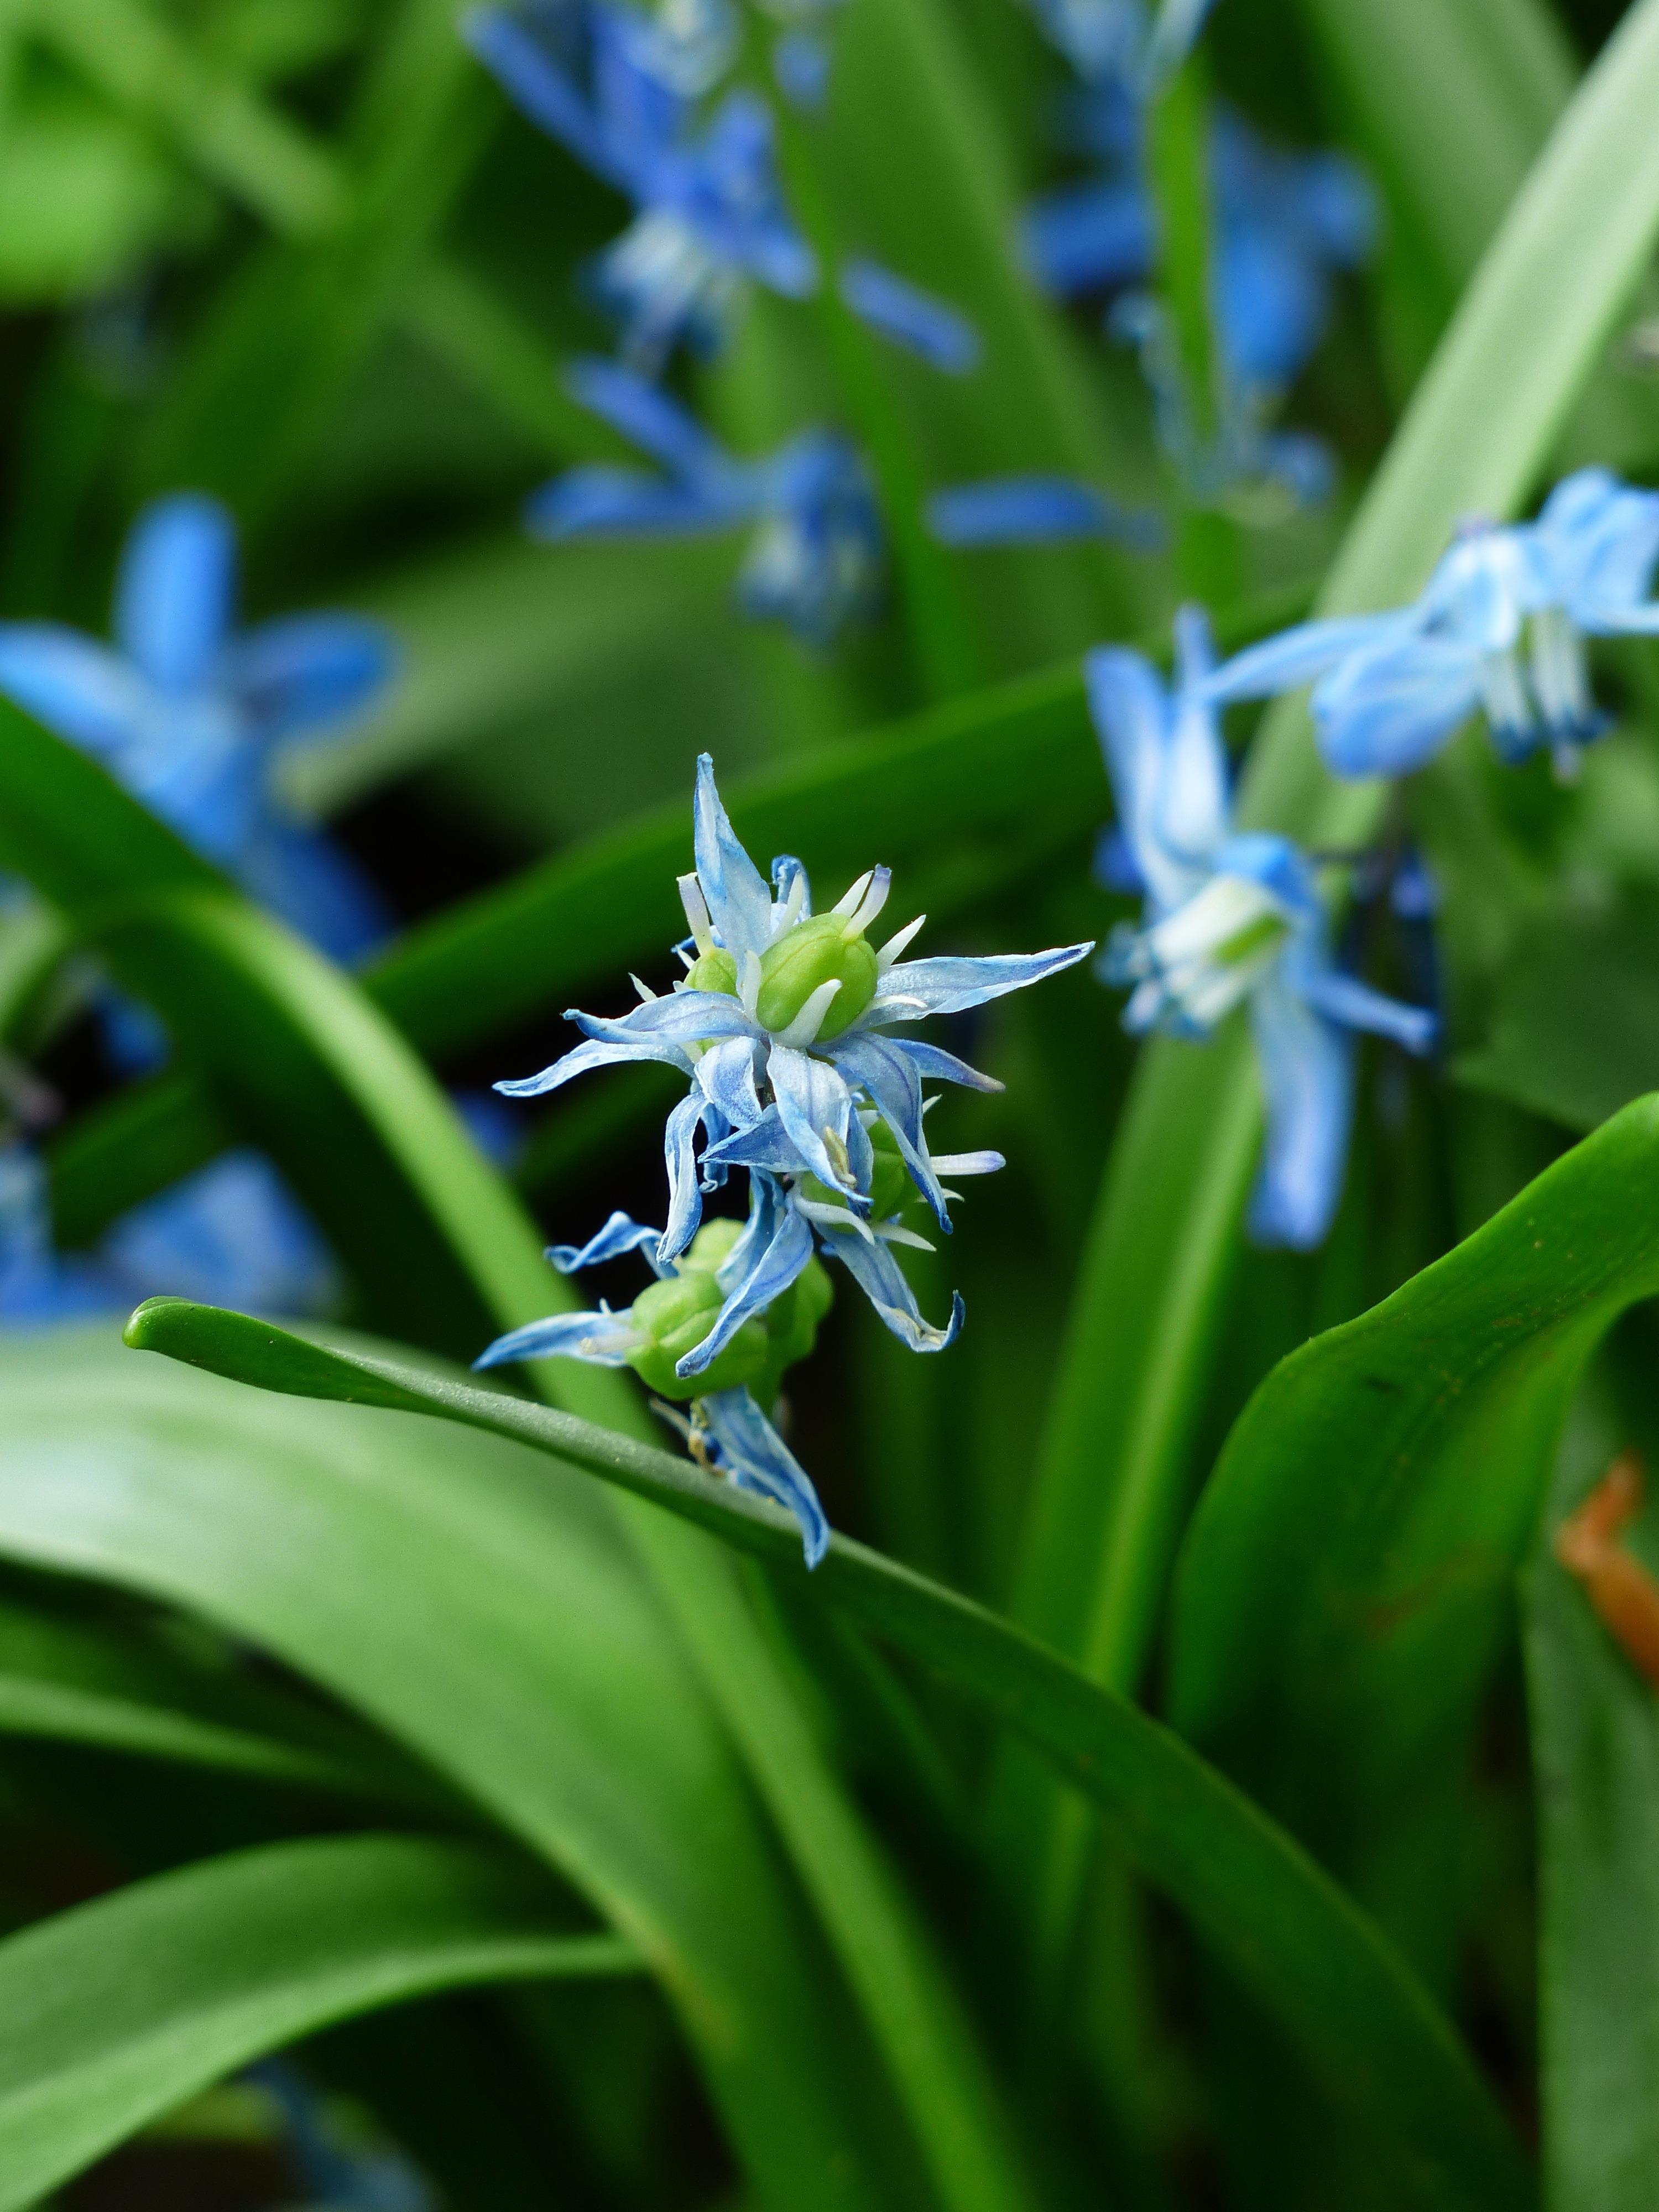 images gratuites herbe fleur prairie floraison vert insecte botanique bleu flore. Black Bedroom Furniture Sets. Home Design Ideas